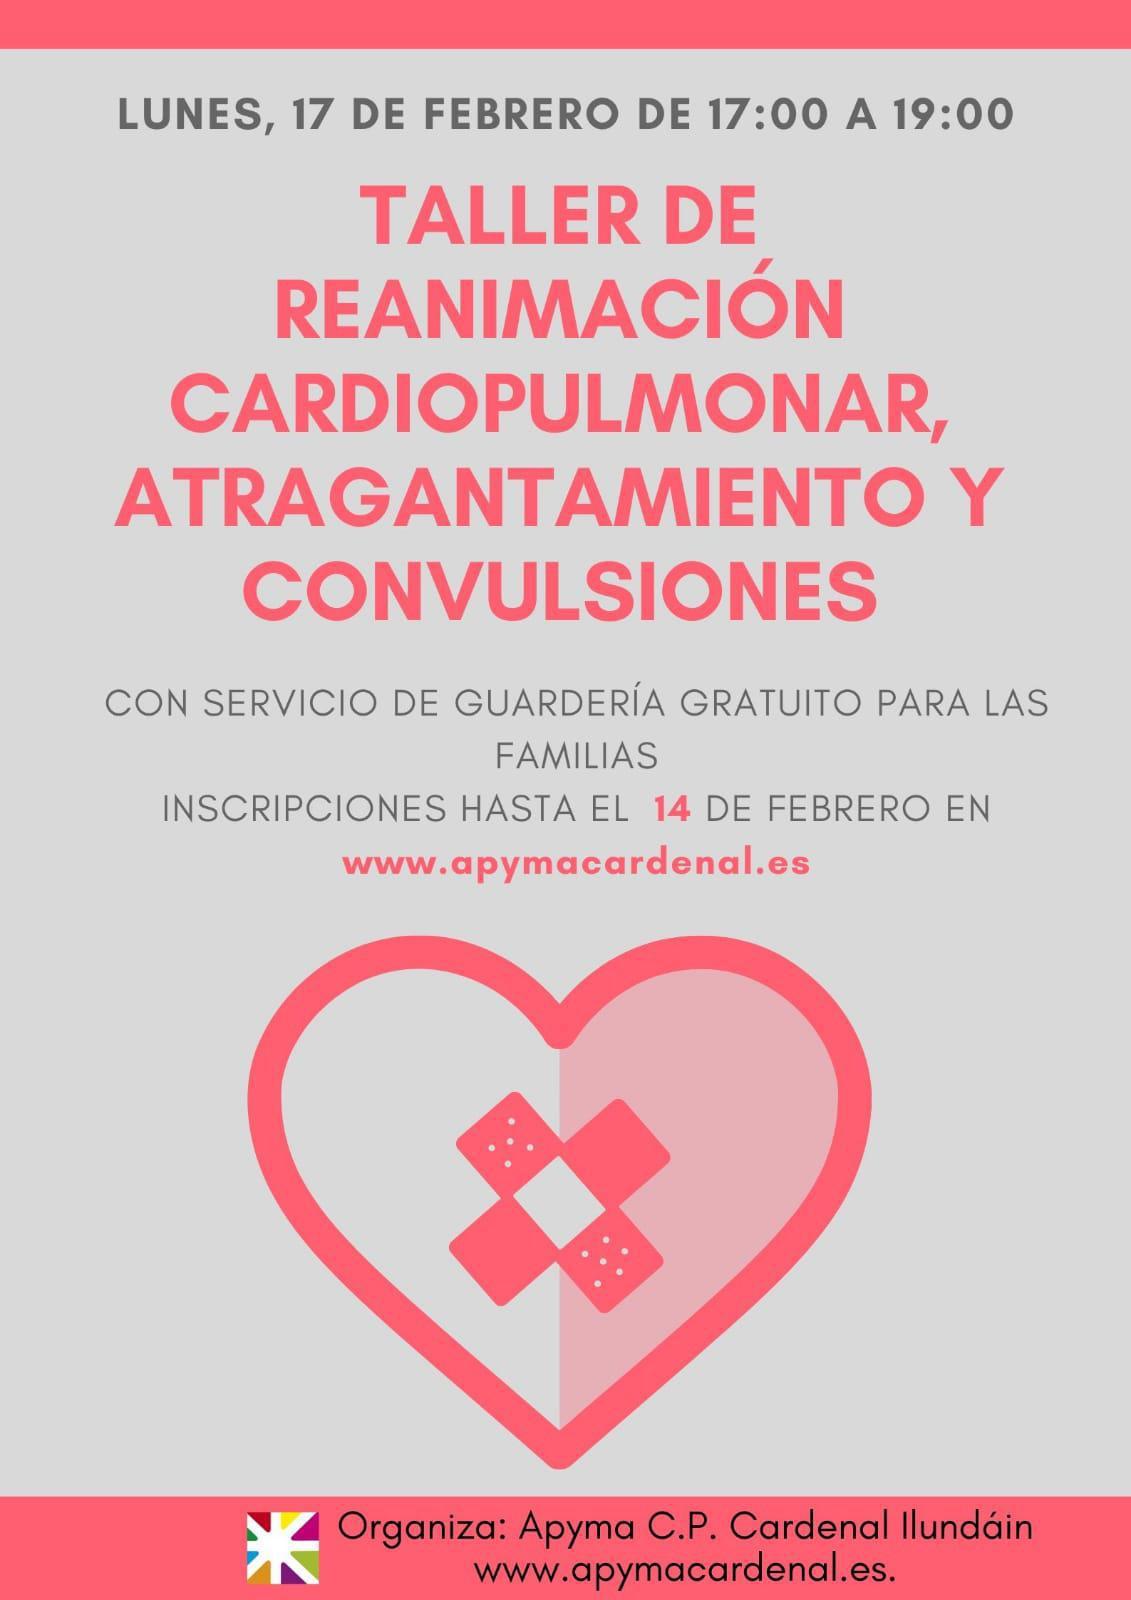 Nuevo taller de reanimación cardiopulmonar, atragantamiento y convulsiones